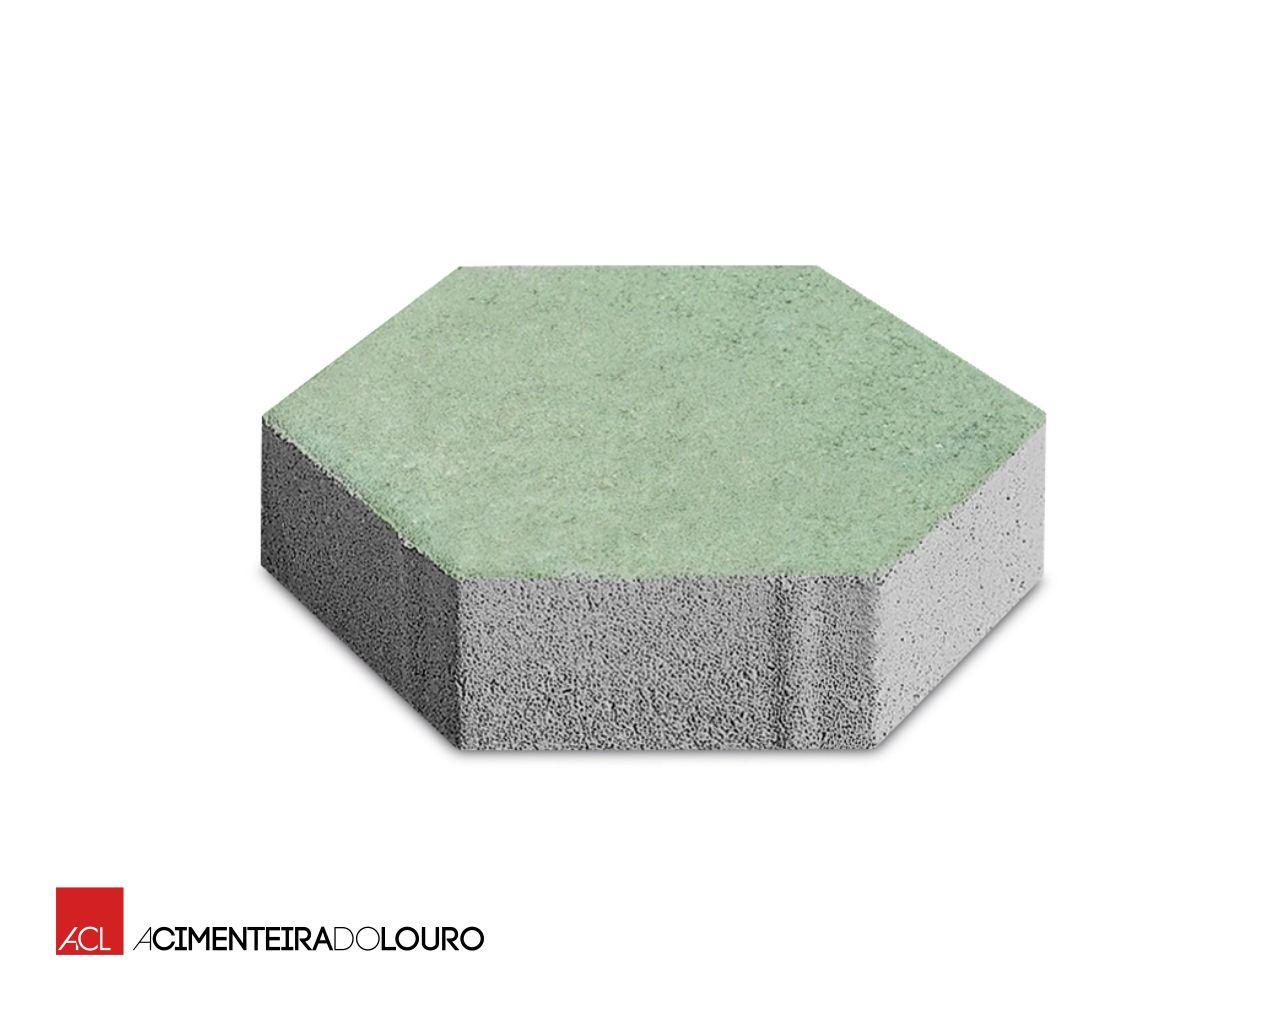 Hexagonal pavimento per esterni by a cimenteira do louro for Pavimento ceramico hexagonal